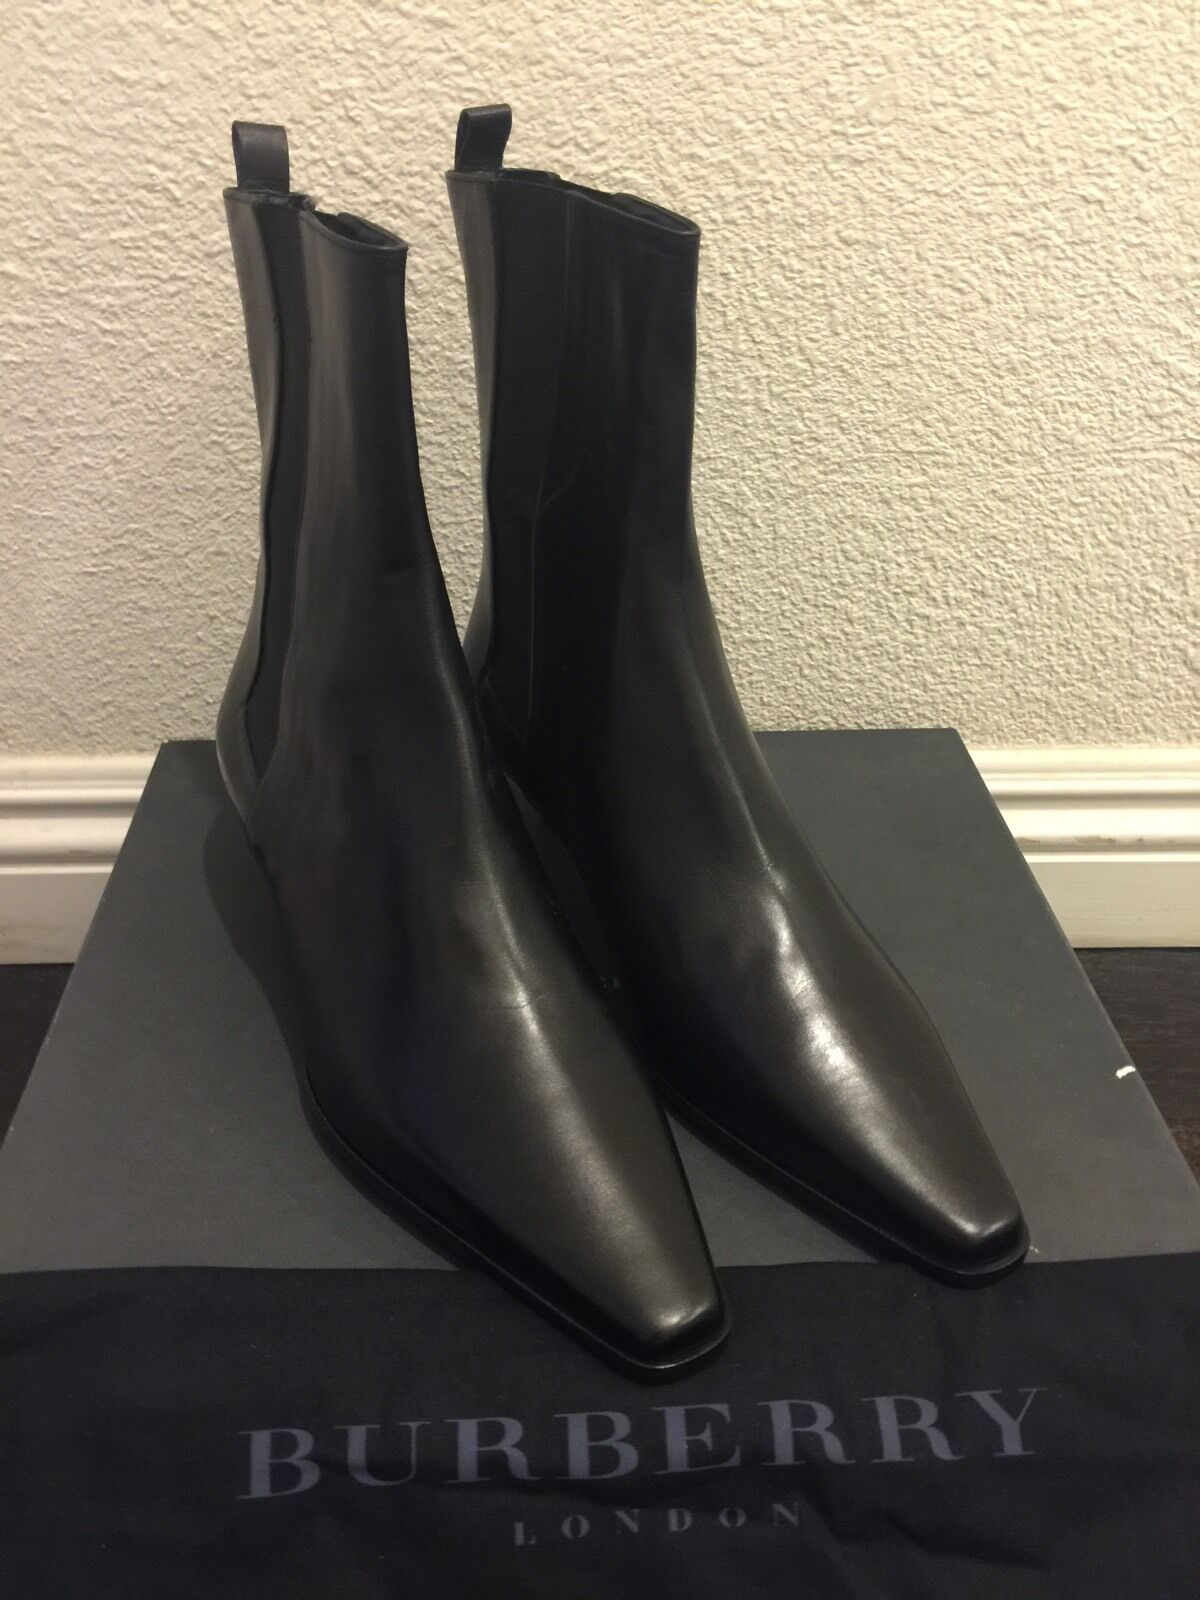 Nuevo En Caja Caja Caja Burberry Londres Clásico Negro Cuero botas verificación de firma a cuadros en 40 8.5  para proporcionarle una compra en línea agradable